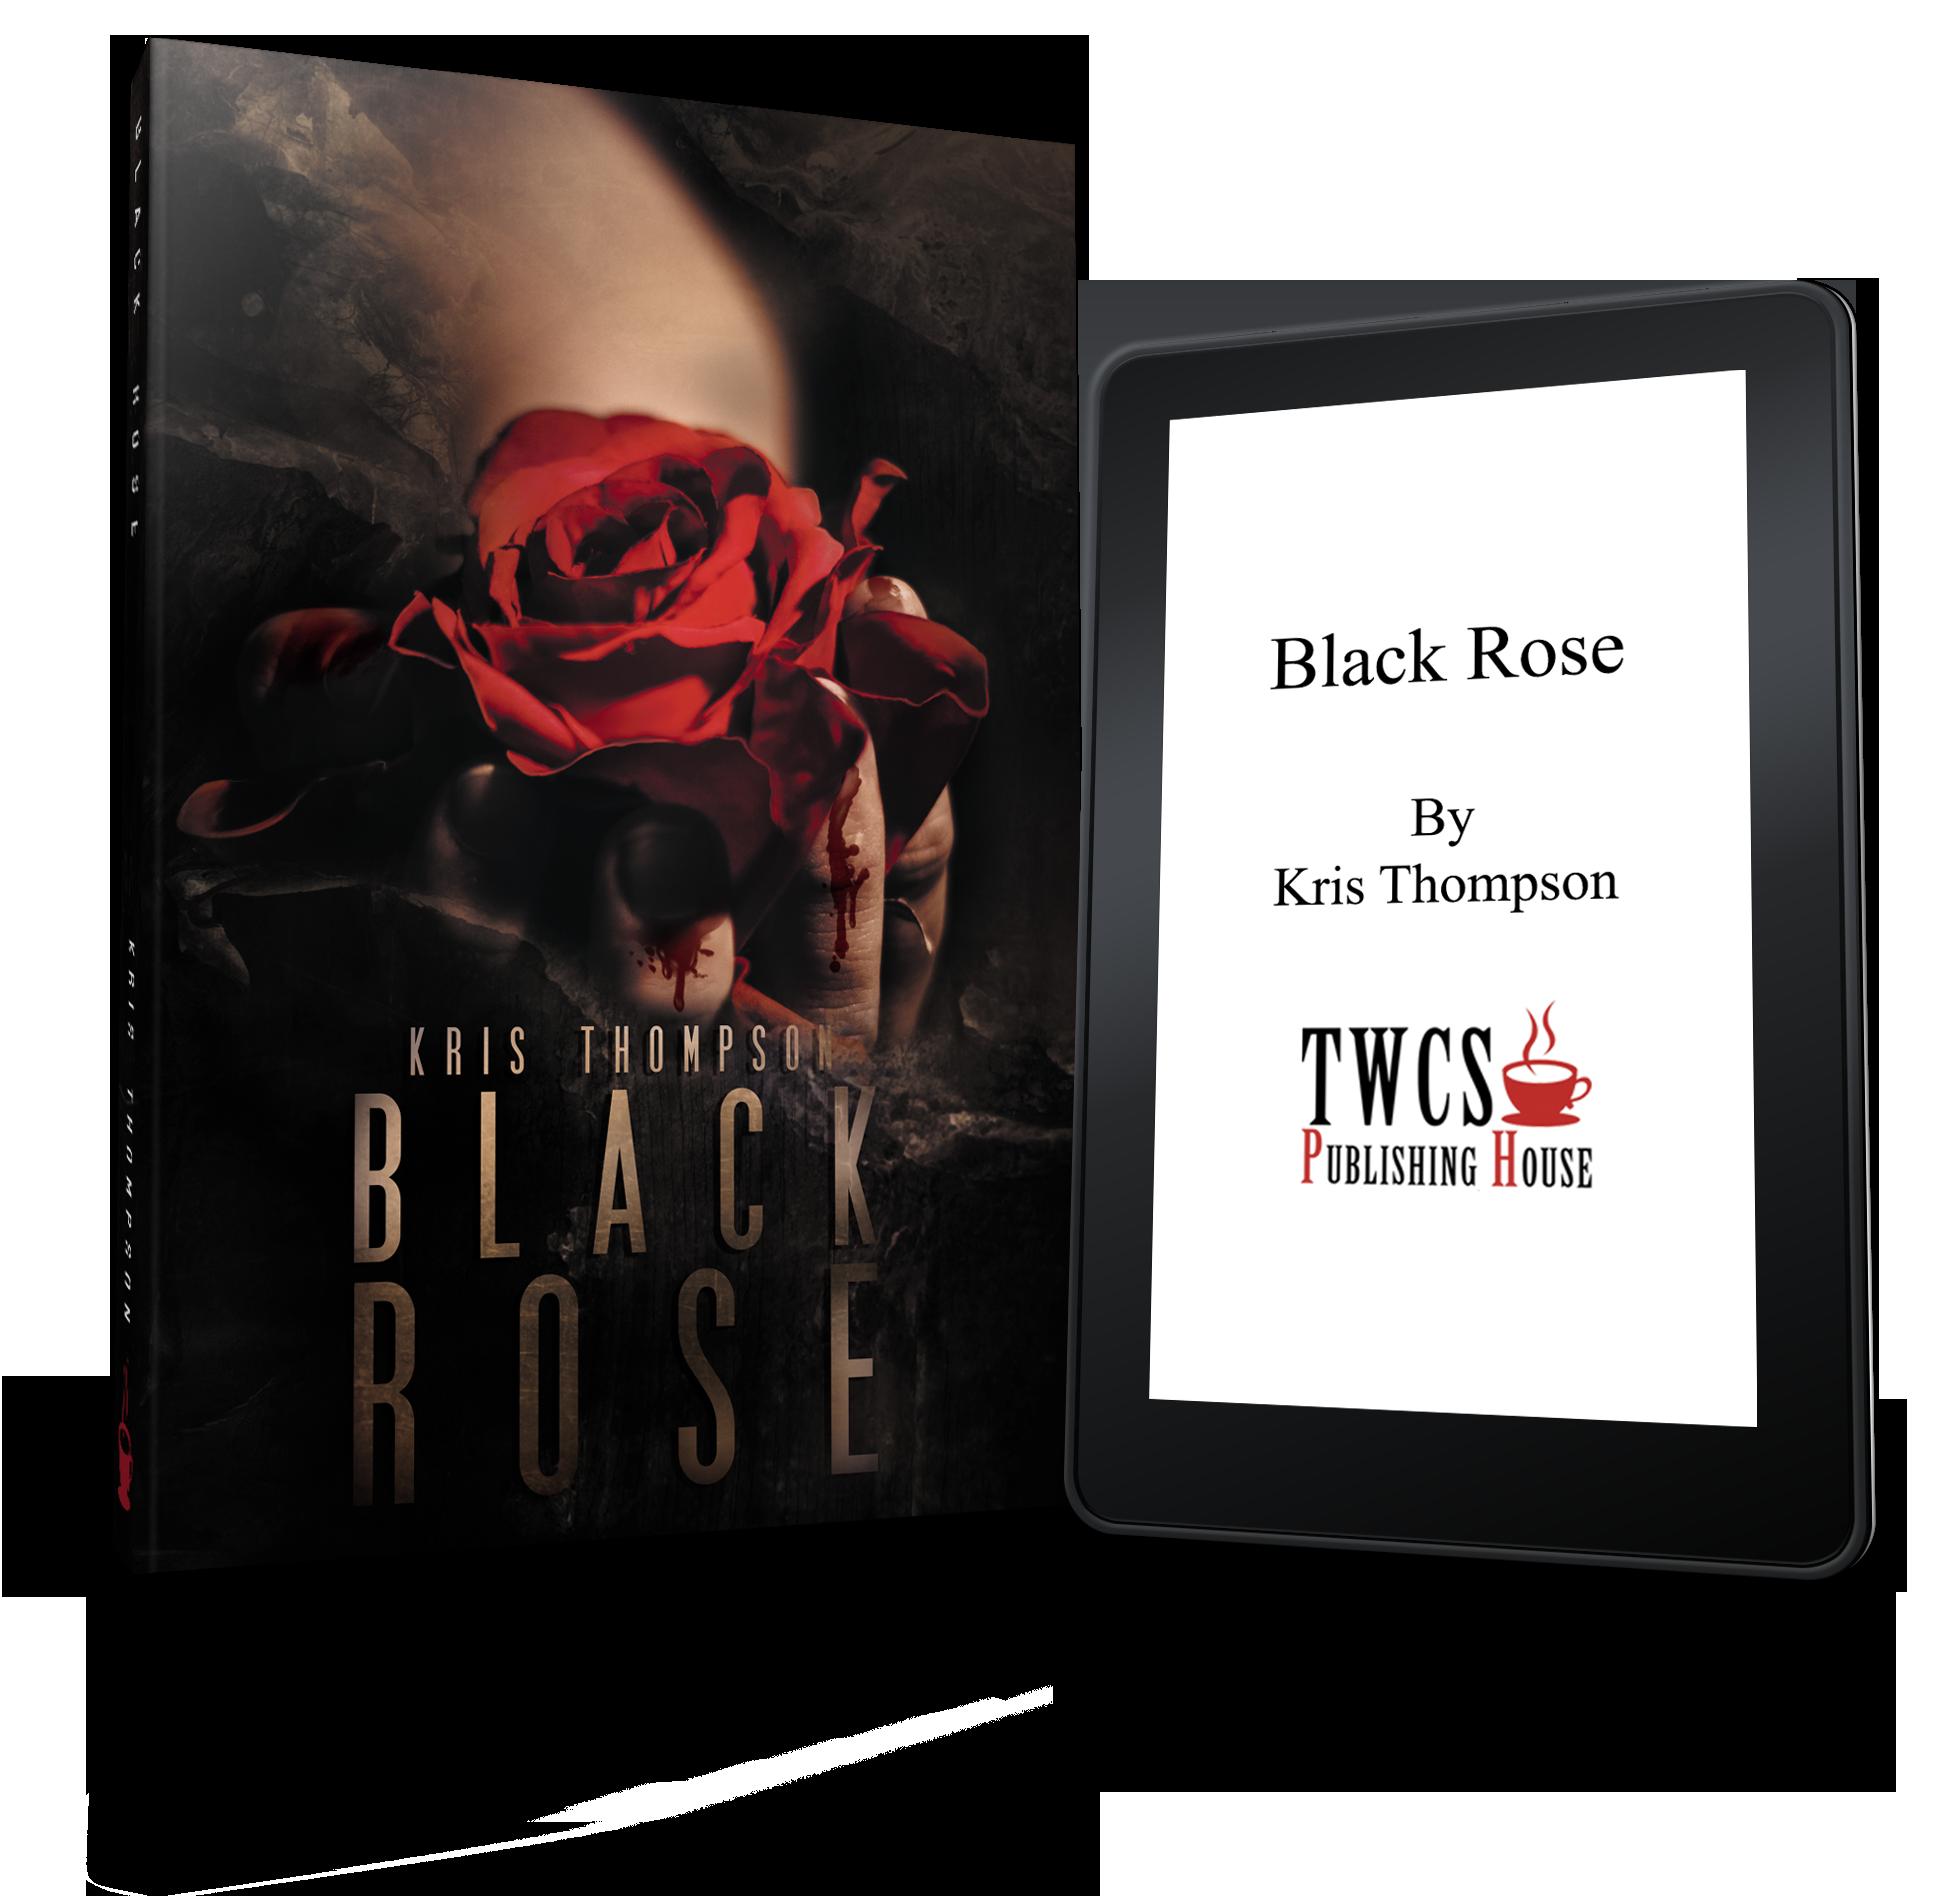 Black majority book review